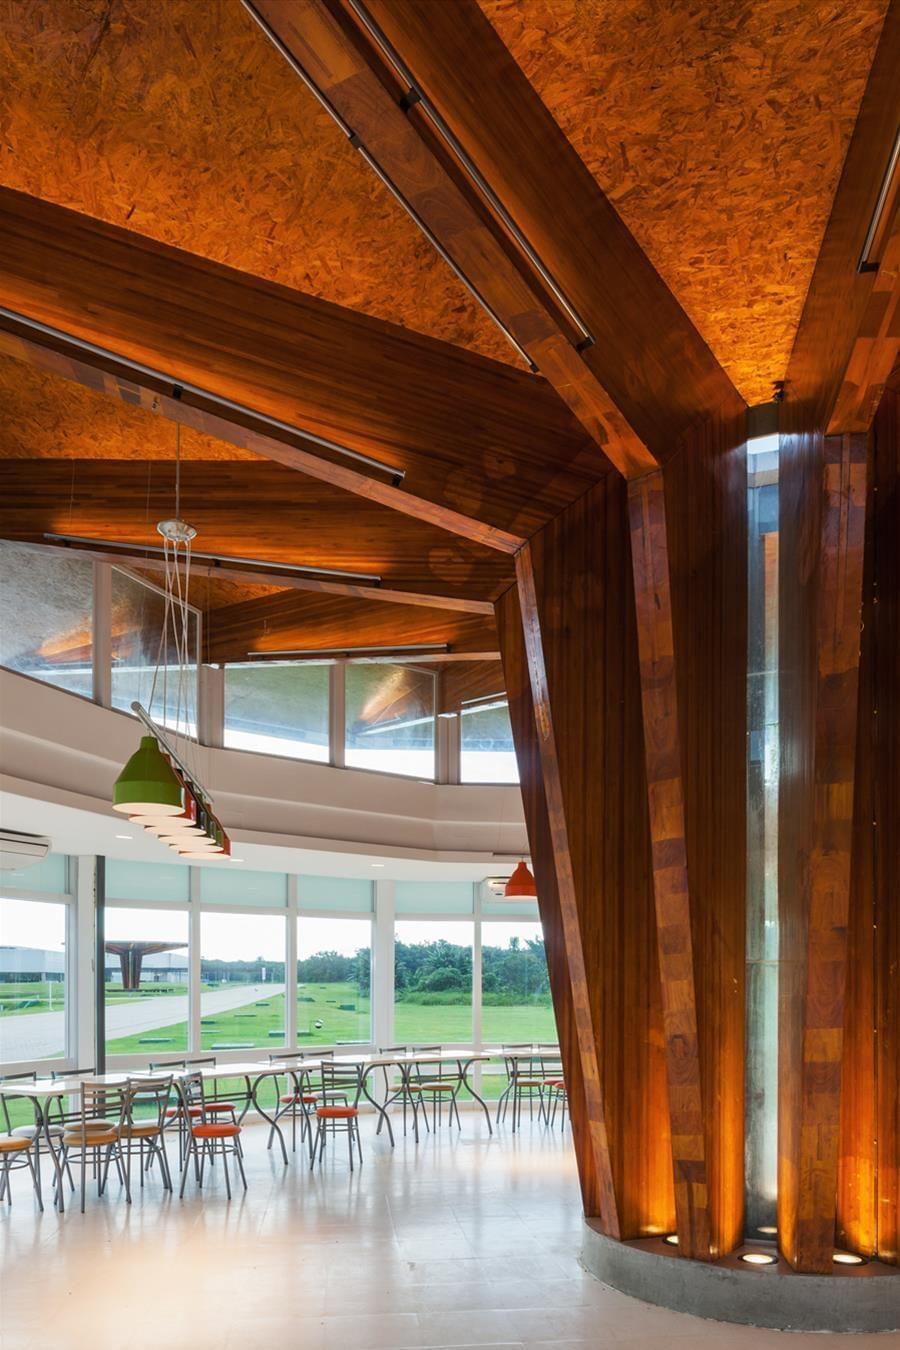 Natura Ecoparque VeraVida Galeria da Arquitetura